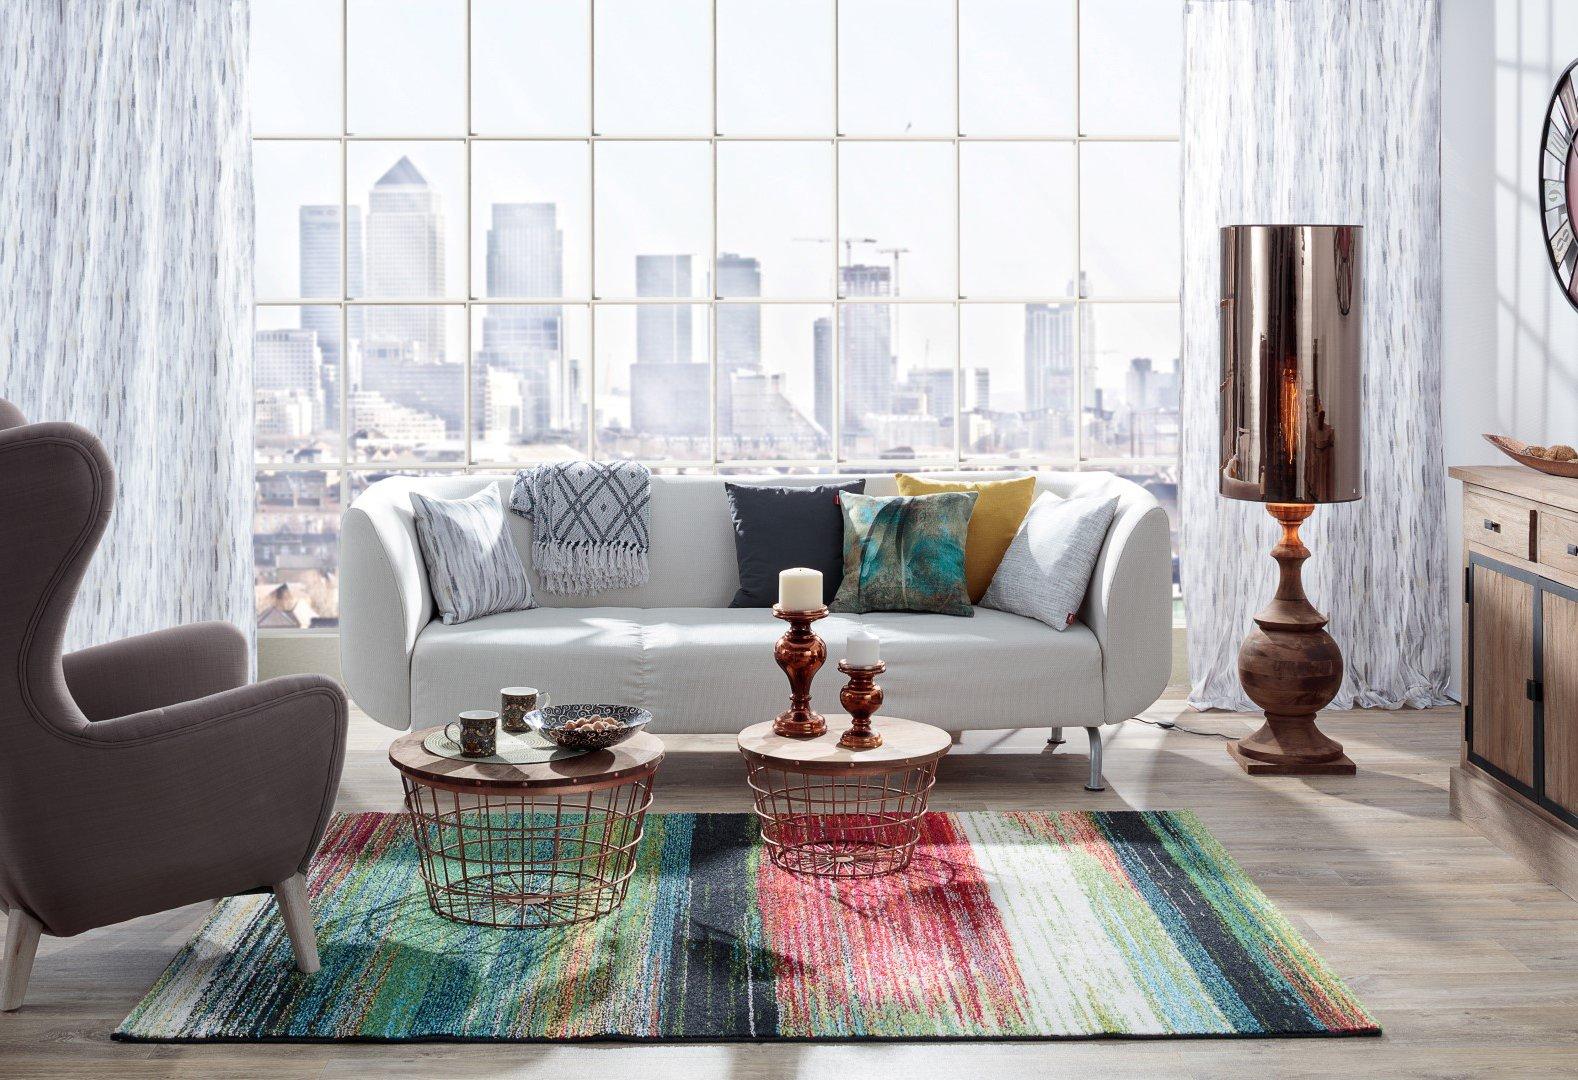 Obývačka - štýl bývania vo veľkom meste